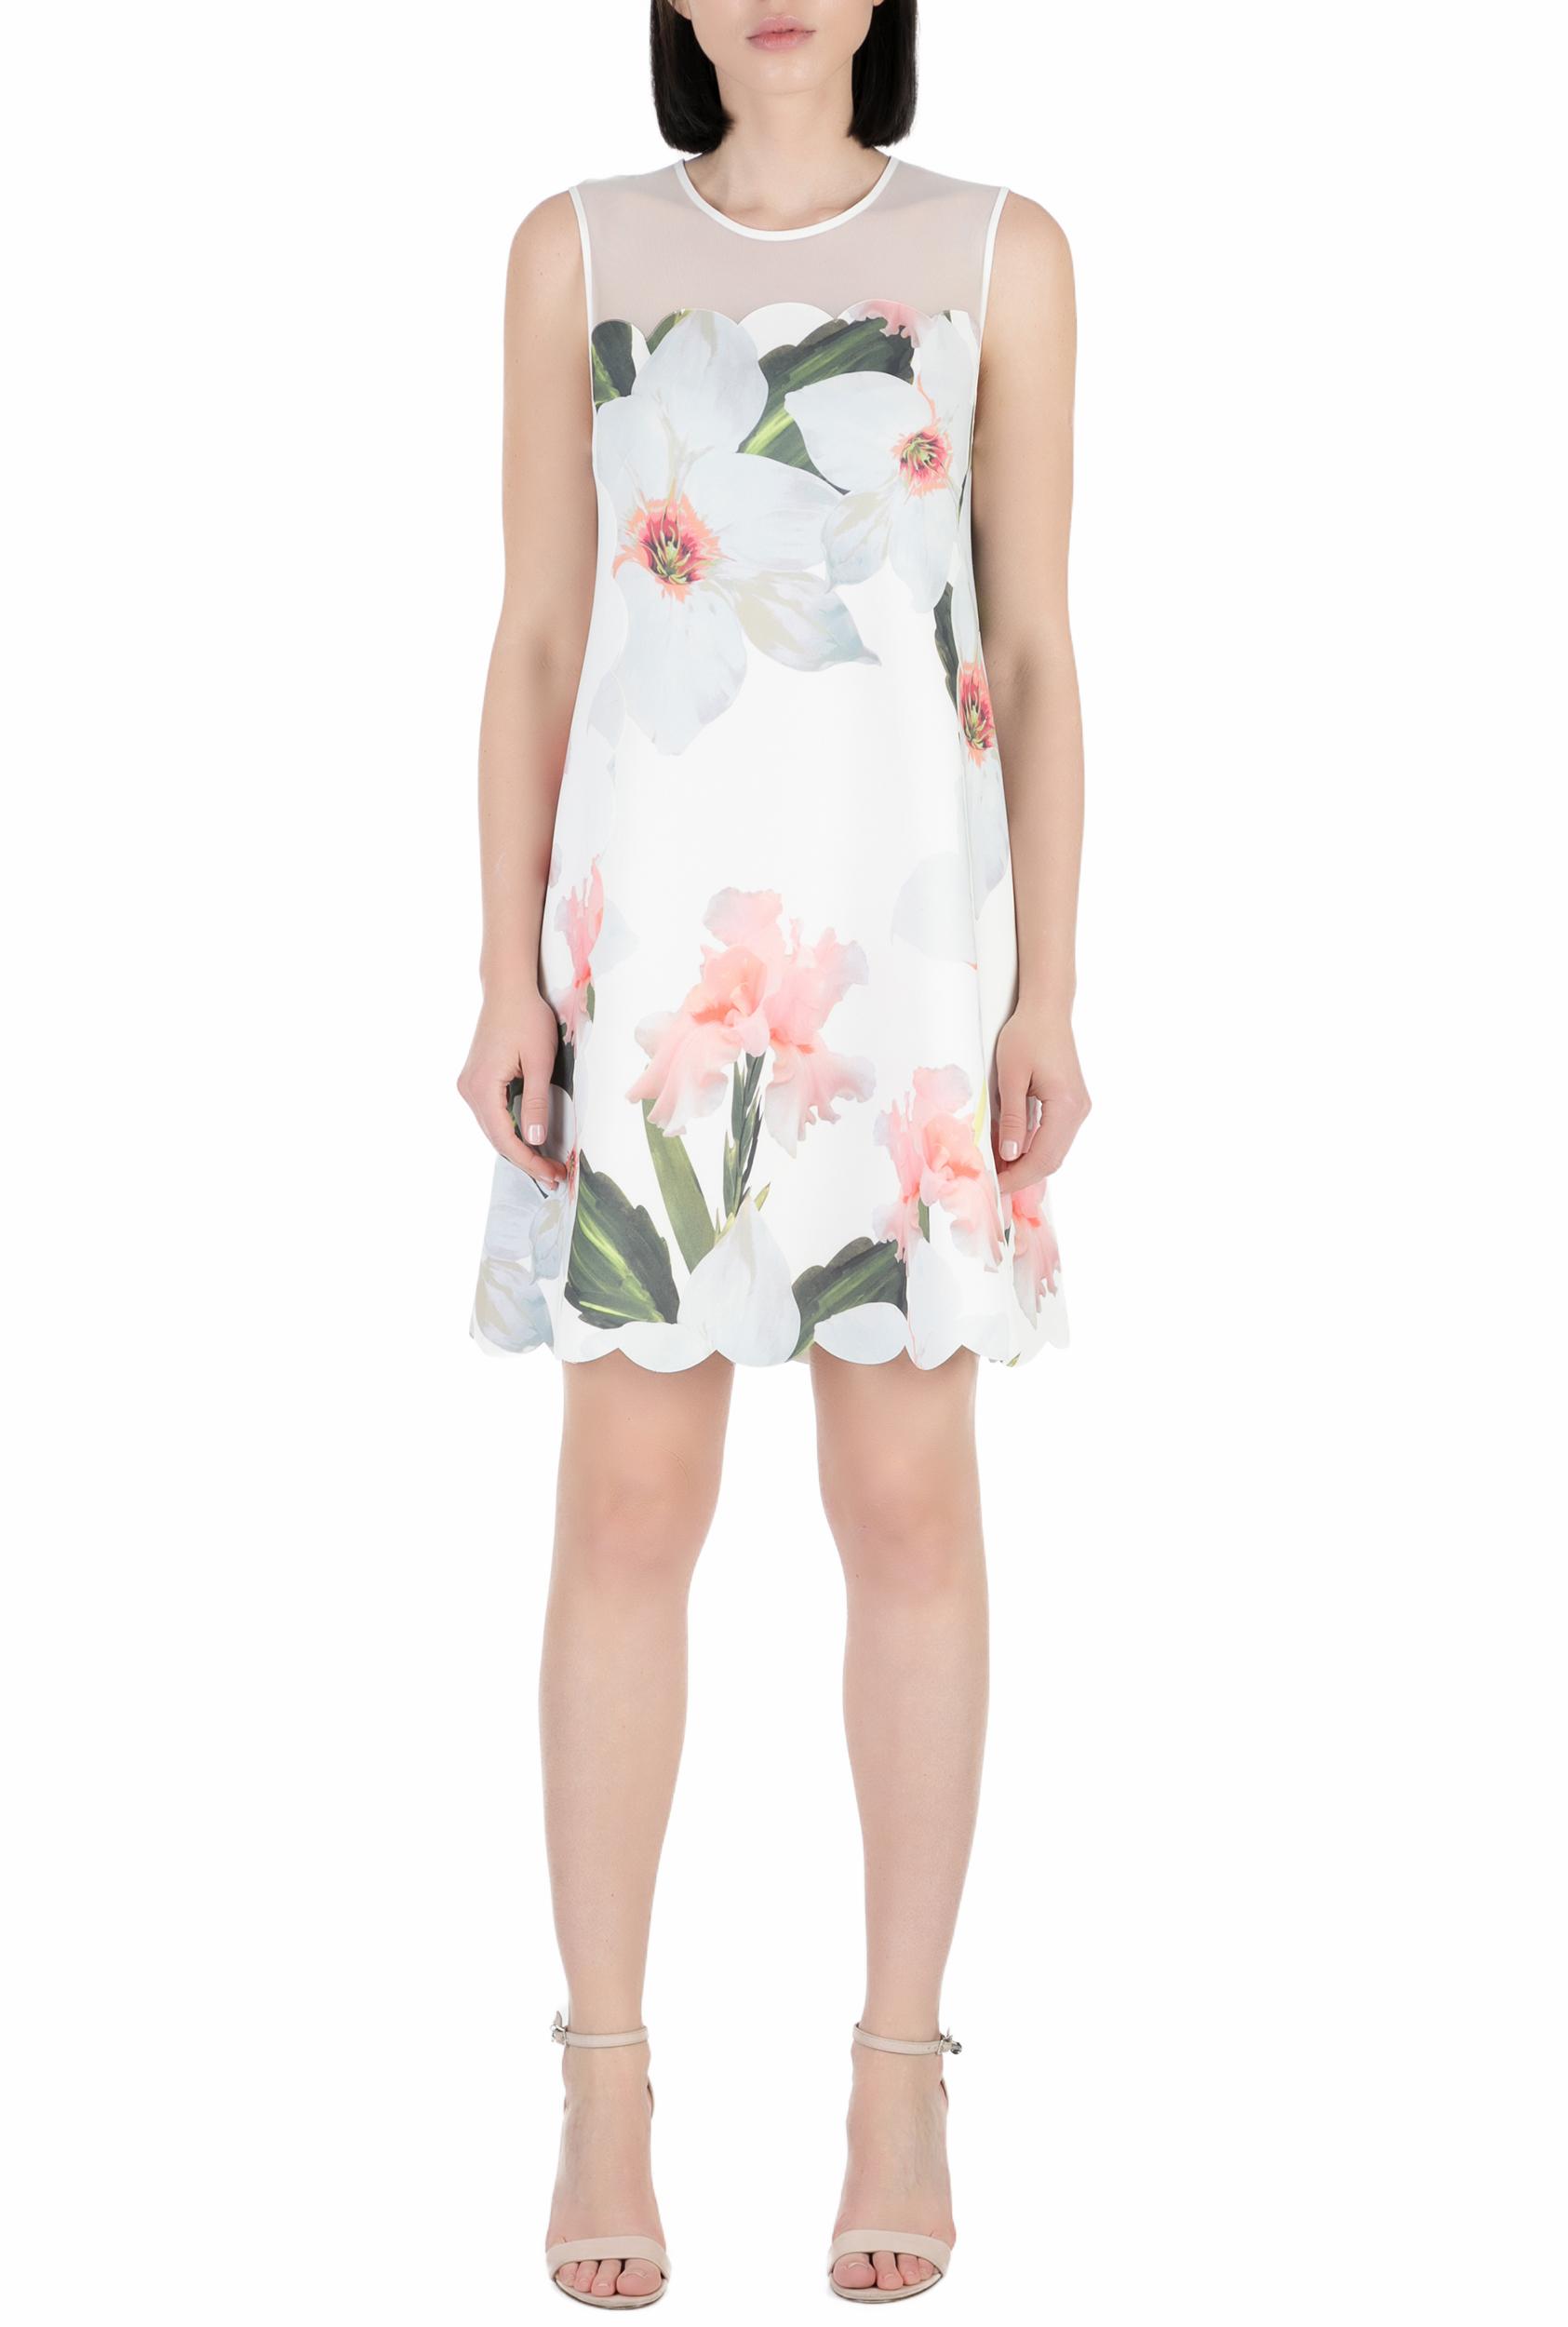 TED BAKER - Γυναικείο μίνι φόρεμα CAPRILA TED BAKER λευκό με φλοράλ γυναικεία ρούχα φορέματα μίνι